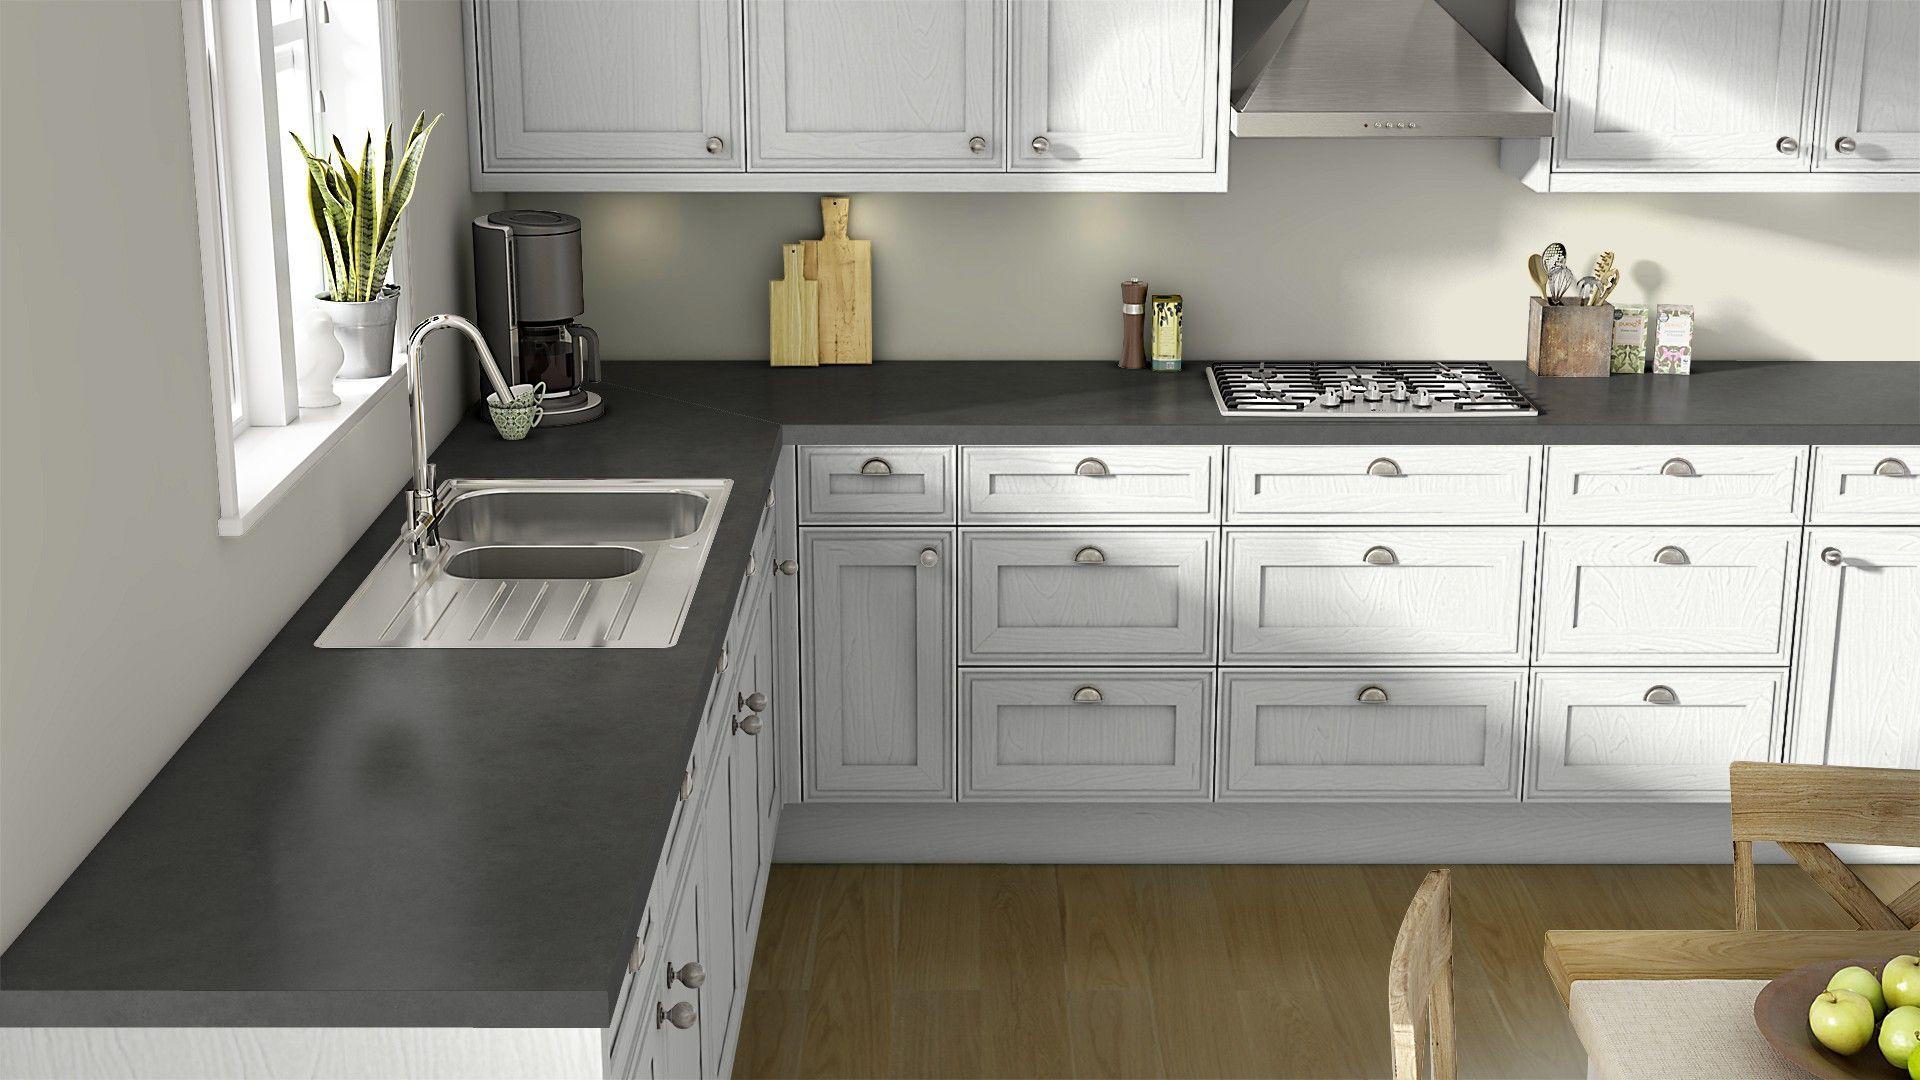 Oiled Soapstone Wilsonart Room Visualizer Wilsonart Laminate Countertops